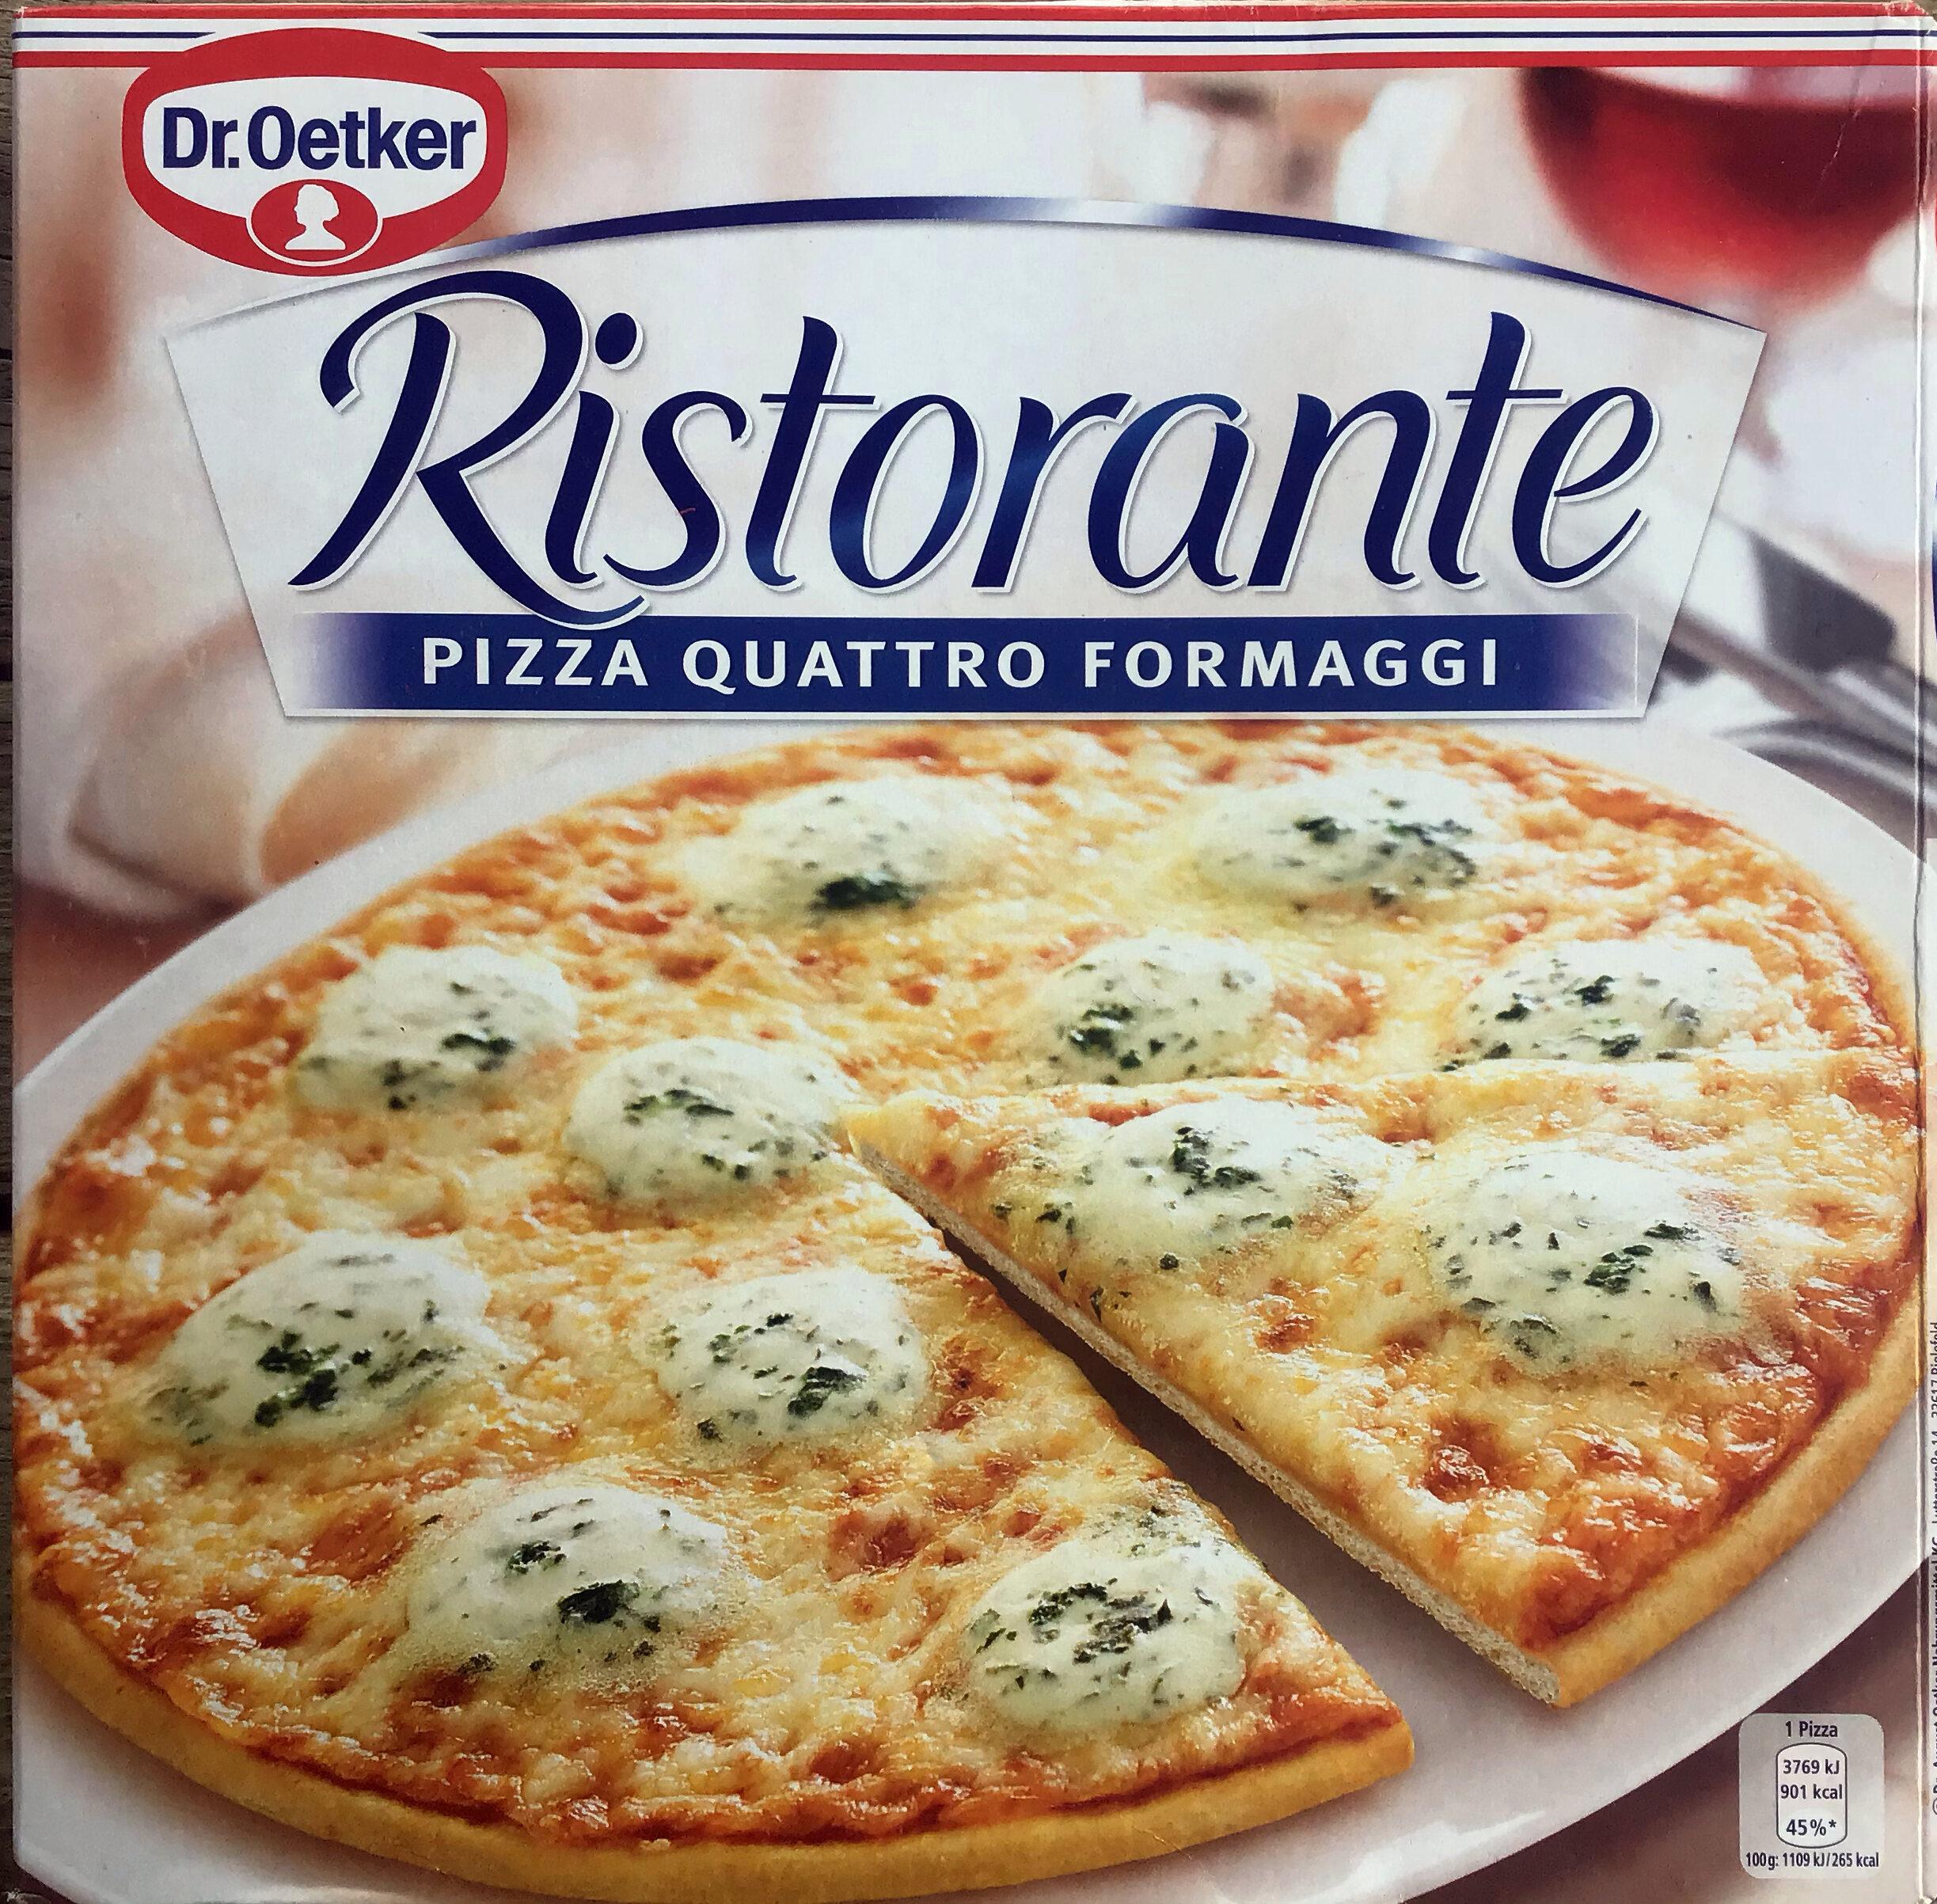 Ristorante Pizza quattro formaggi - Prodotto - it